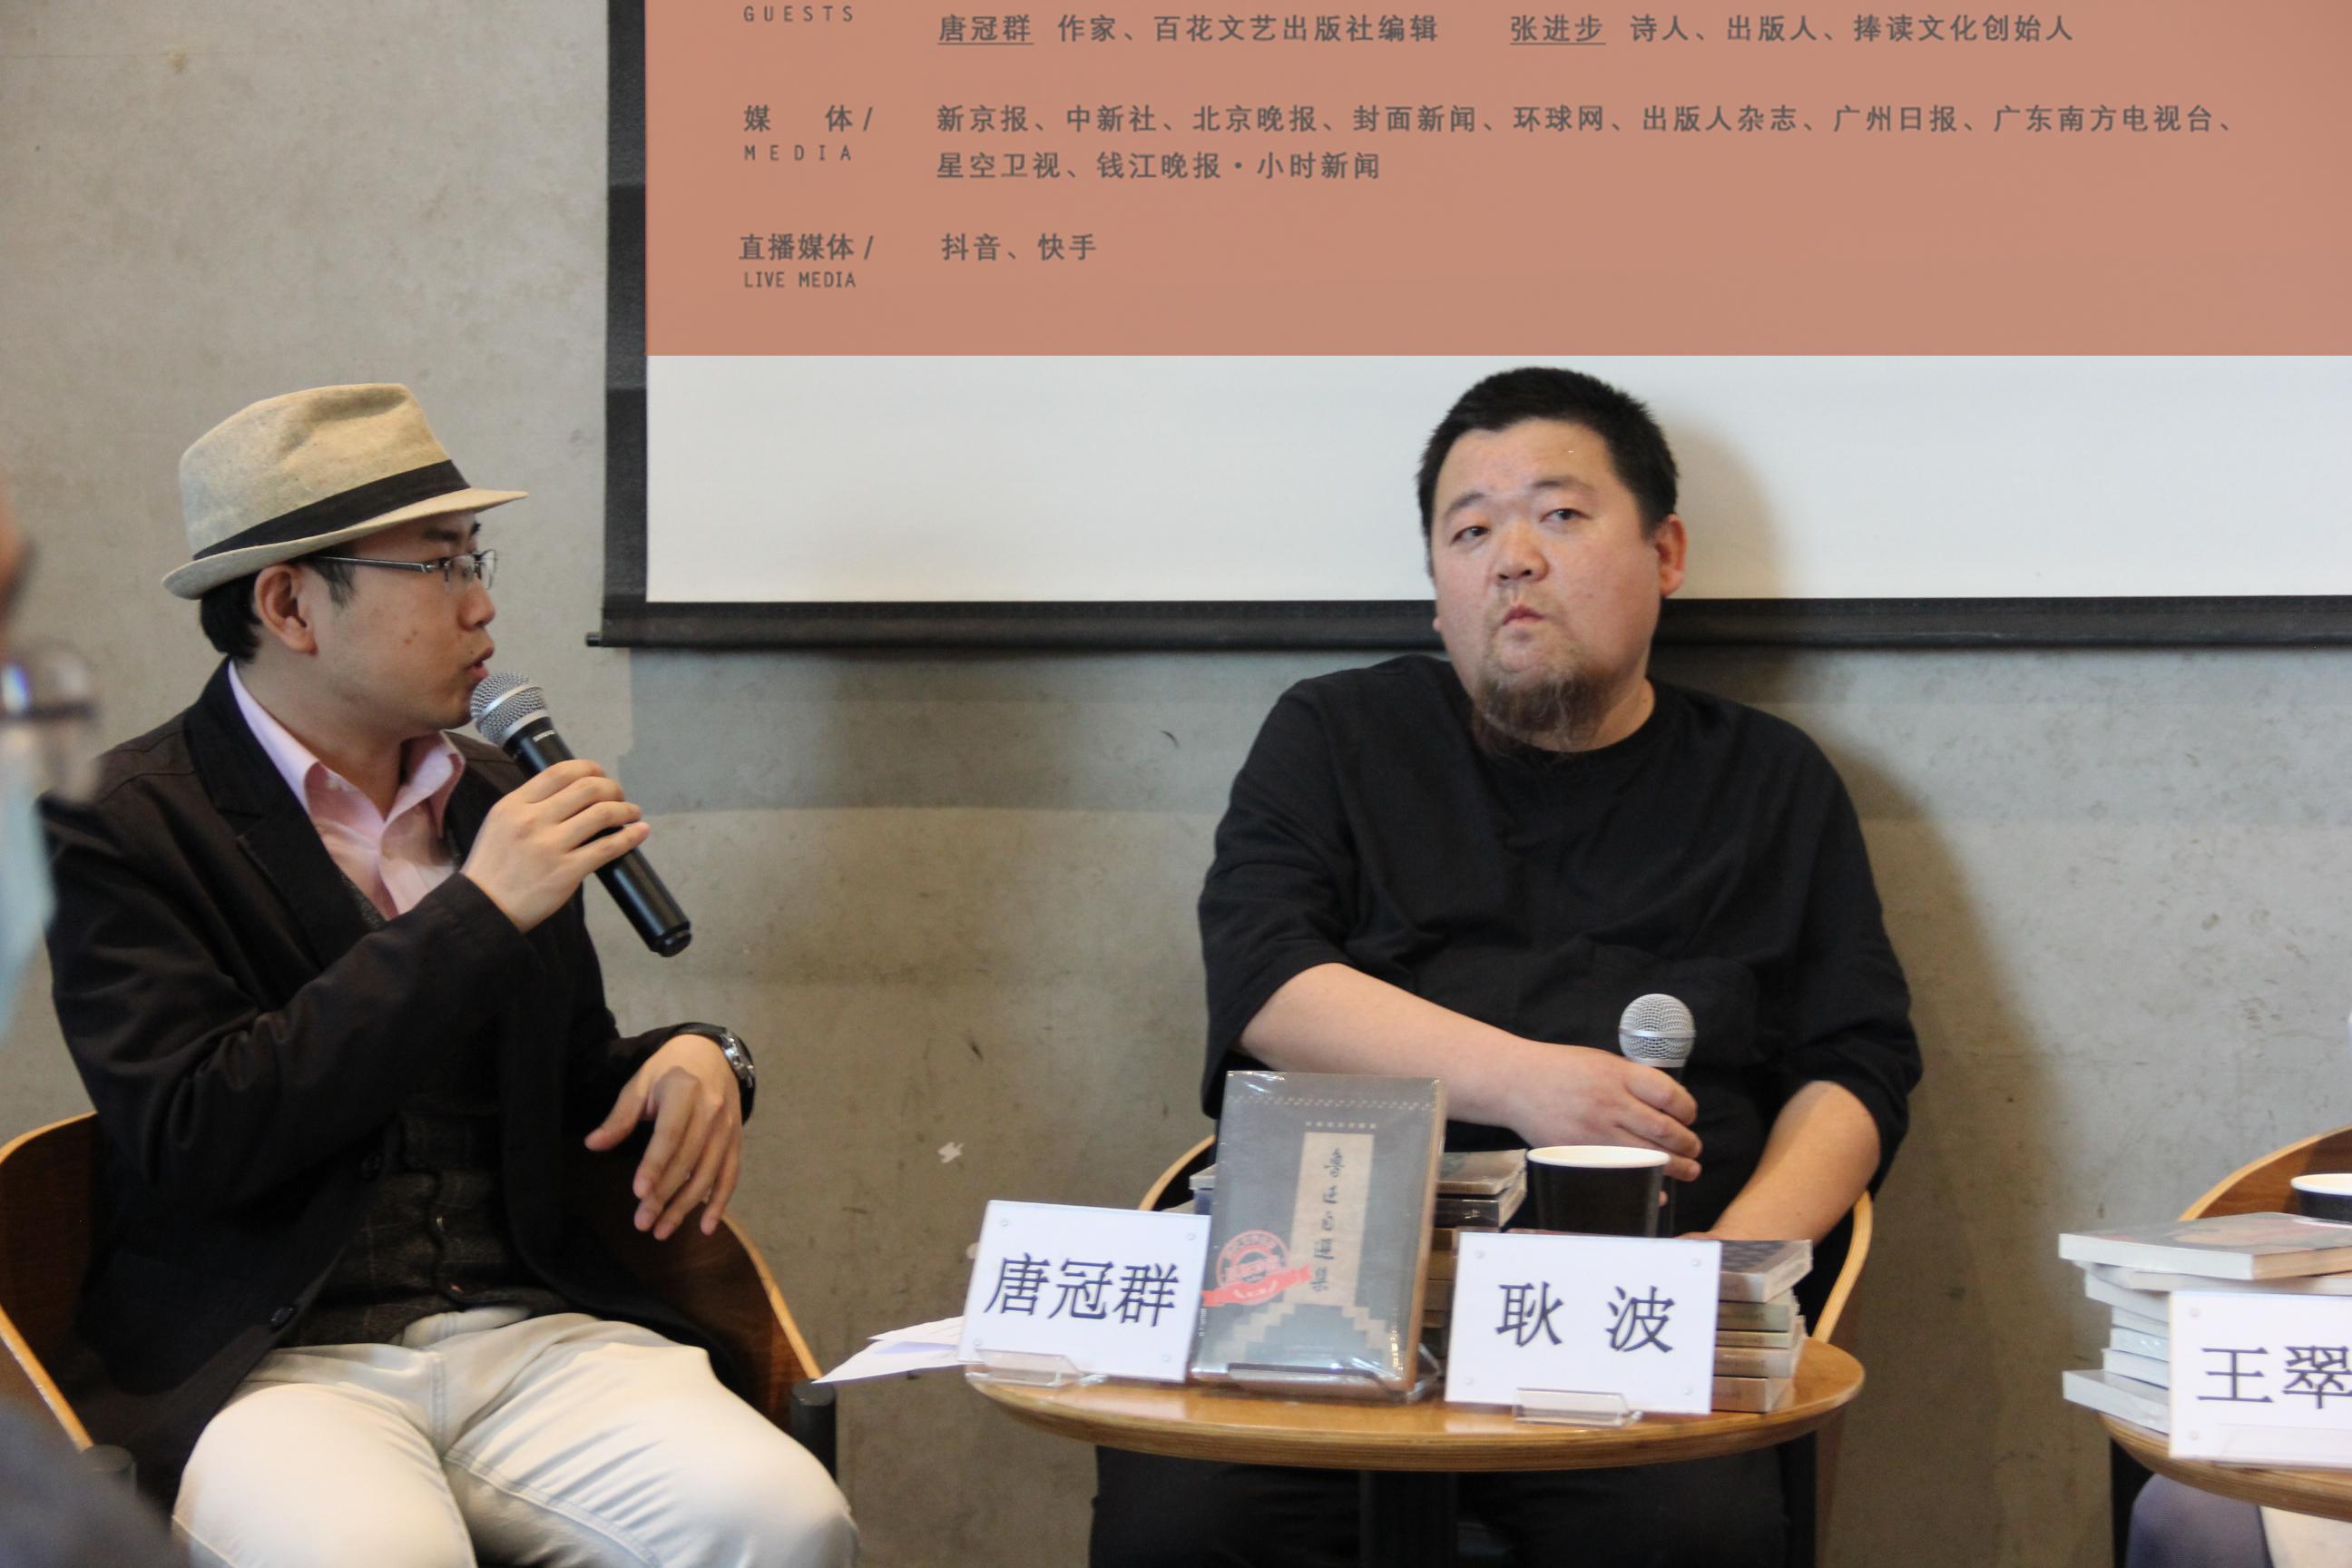 百年光阴,初版复刻 ——《现代文学名著原版珍藏》书系推介会在京举行-出版人杂志官网